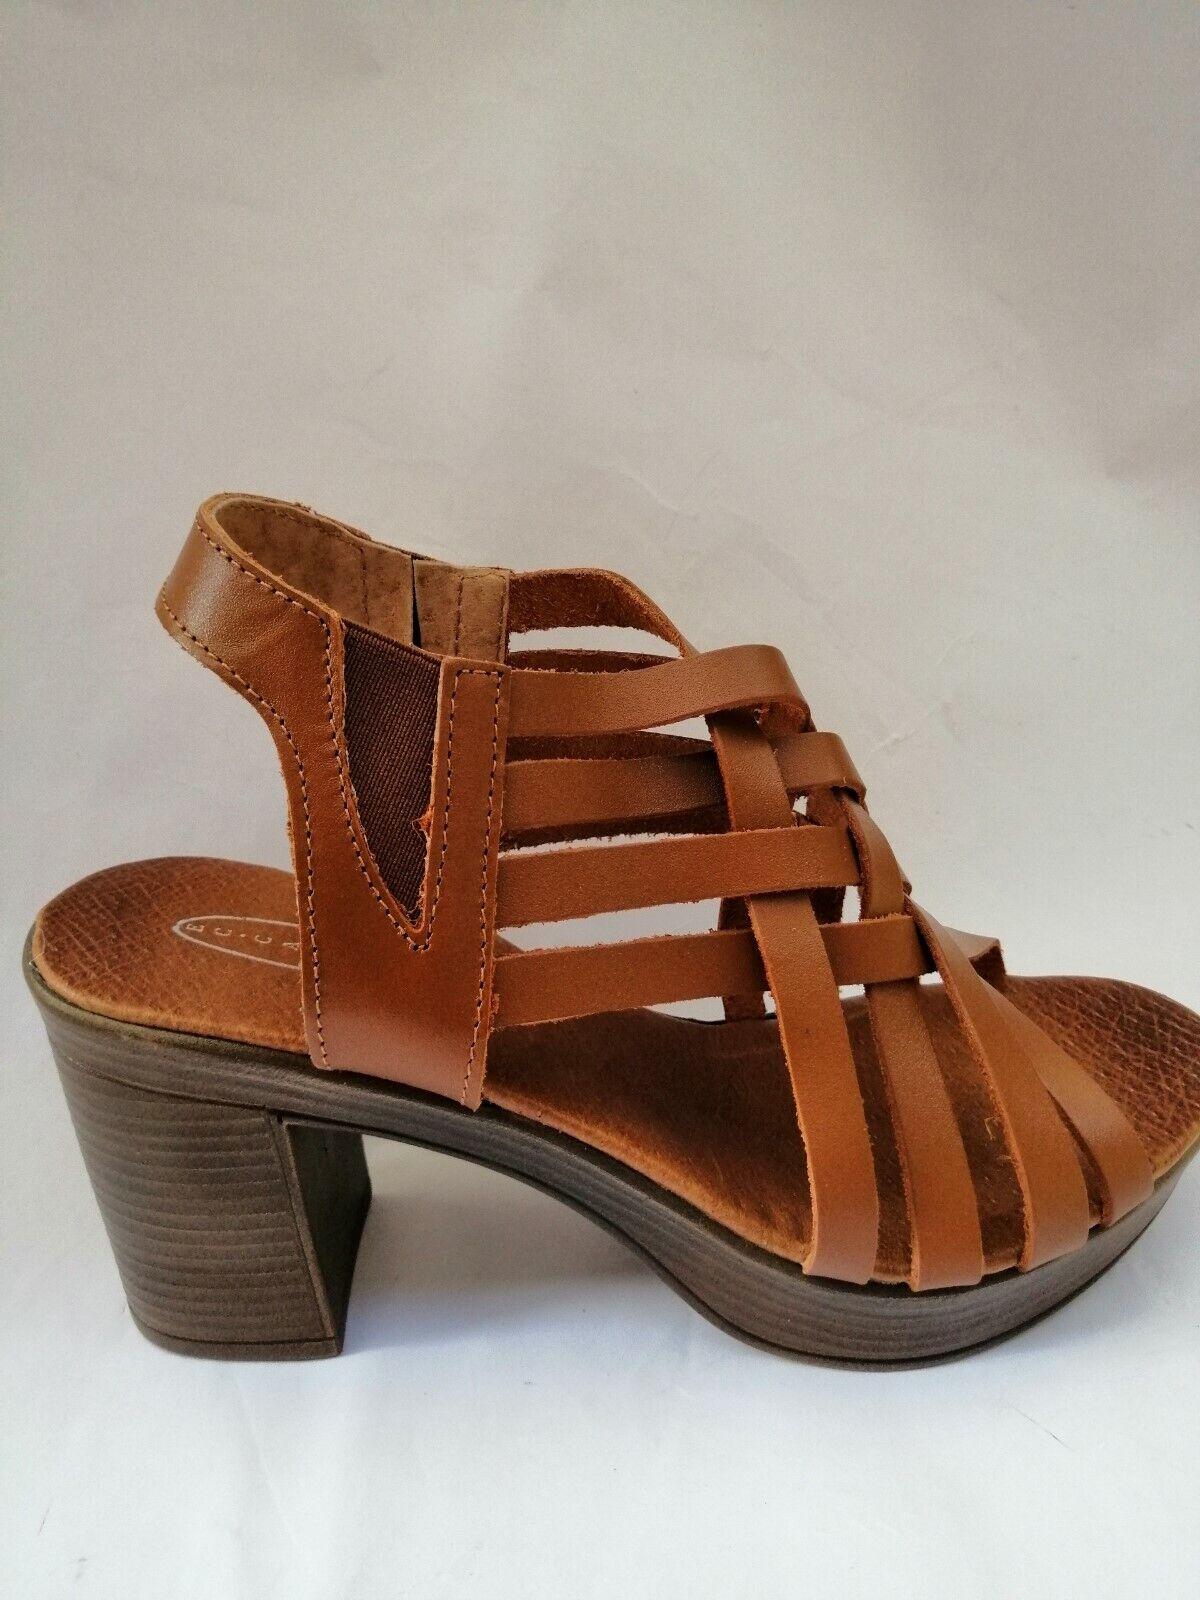 Sandalen Frauen Sandaletten Leder Brown Schuhe Mode Frühling Sommer Neu